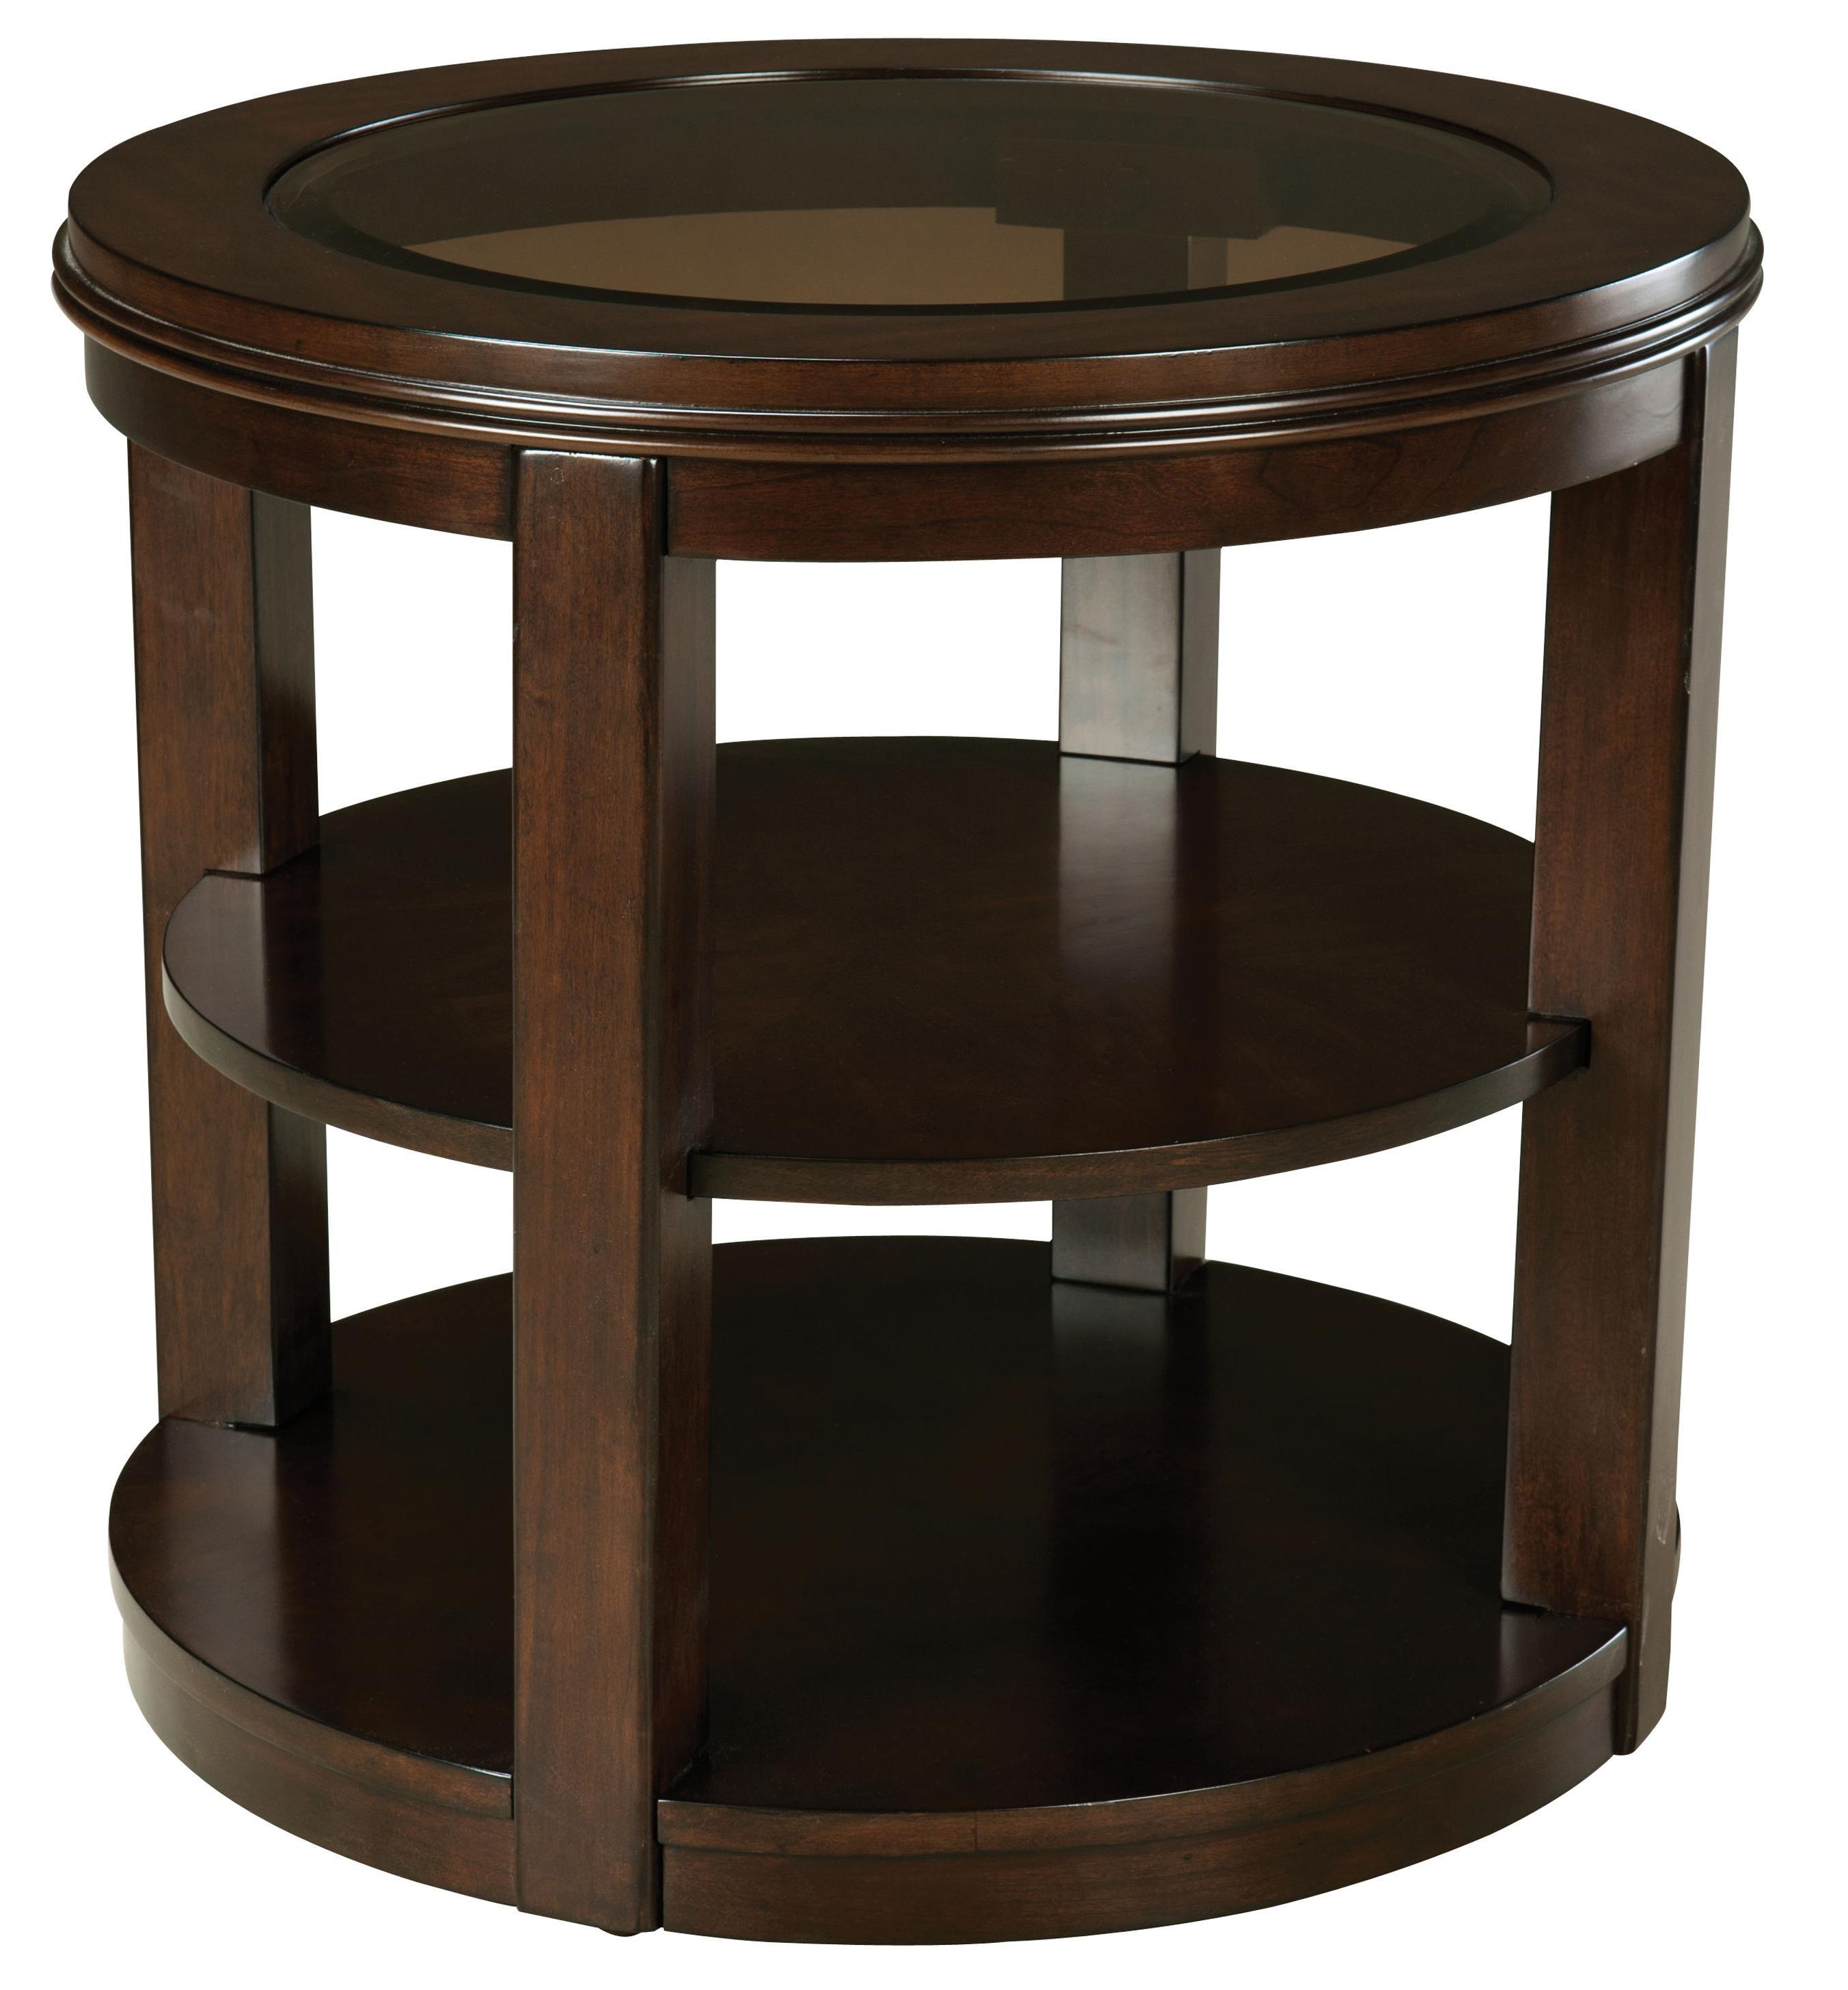 Standard Furniture Spencer End Table - Item Number: 23792